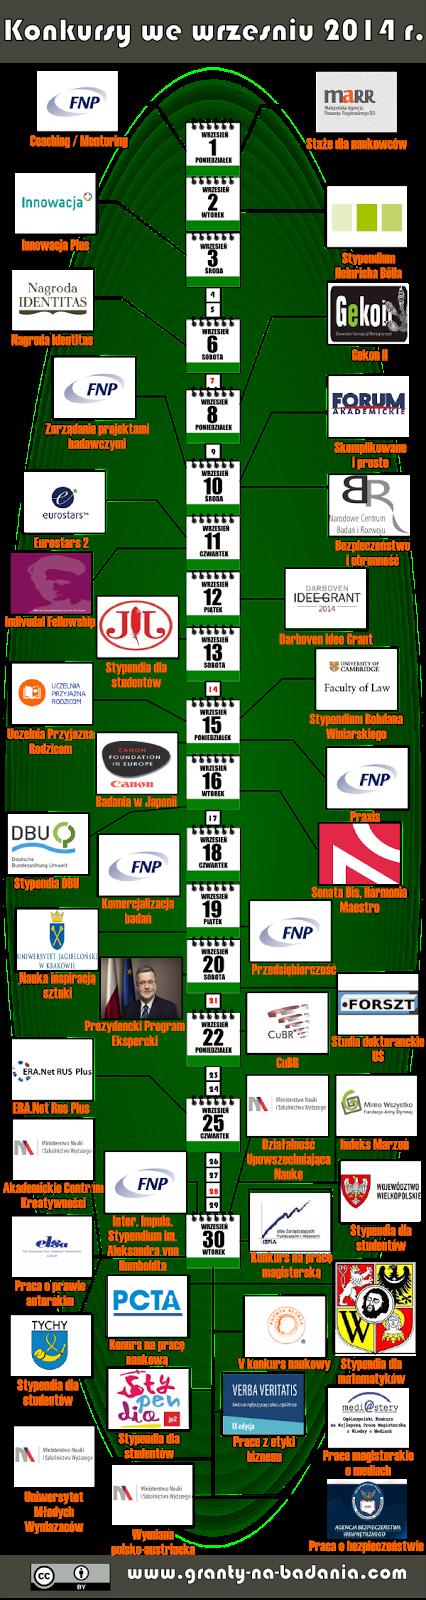 Wykaz konkursów na granty i stypendia we wrześniu 2014 r.